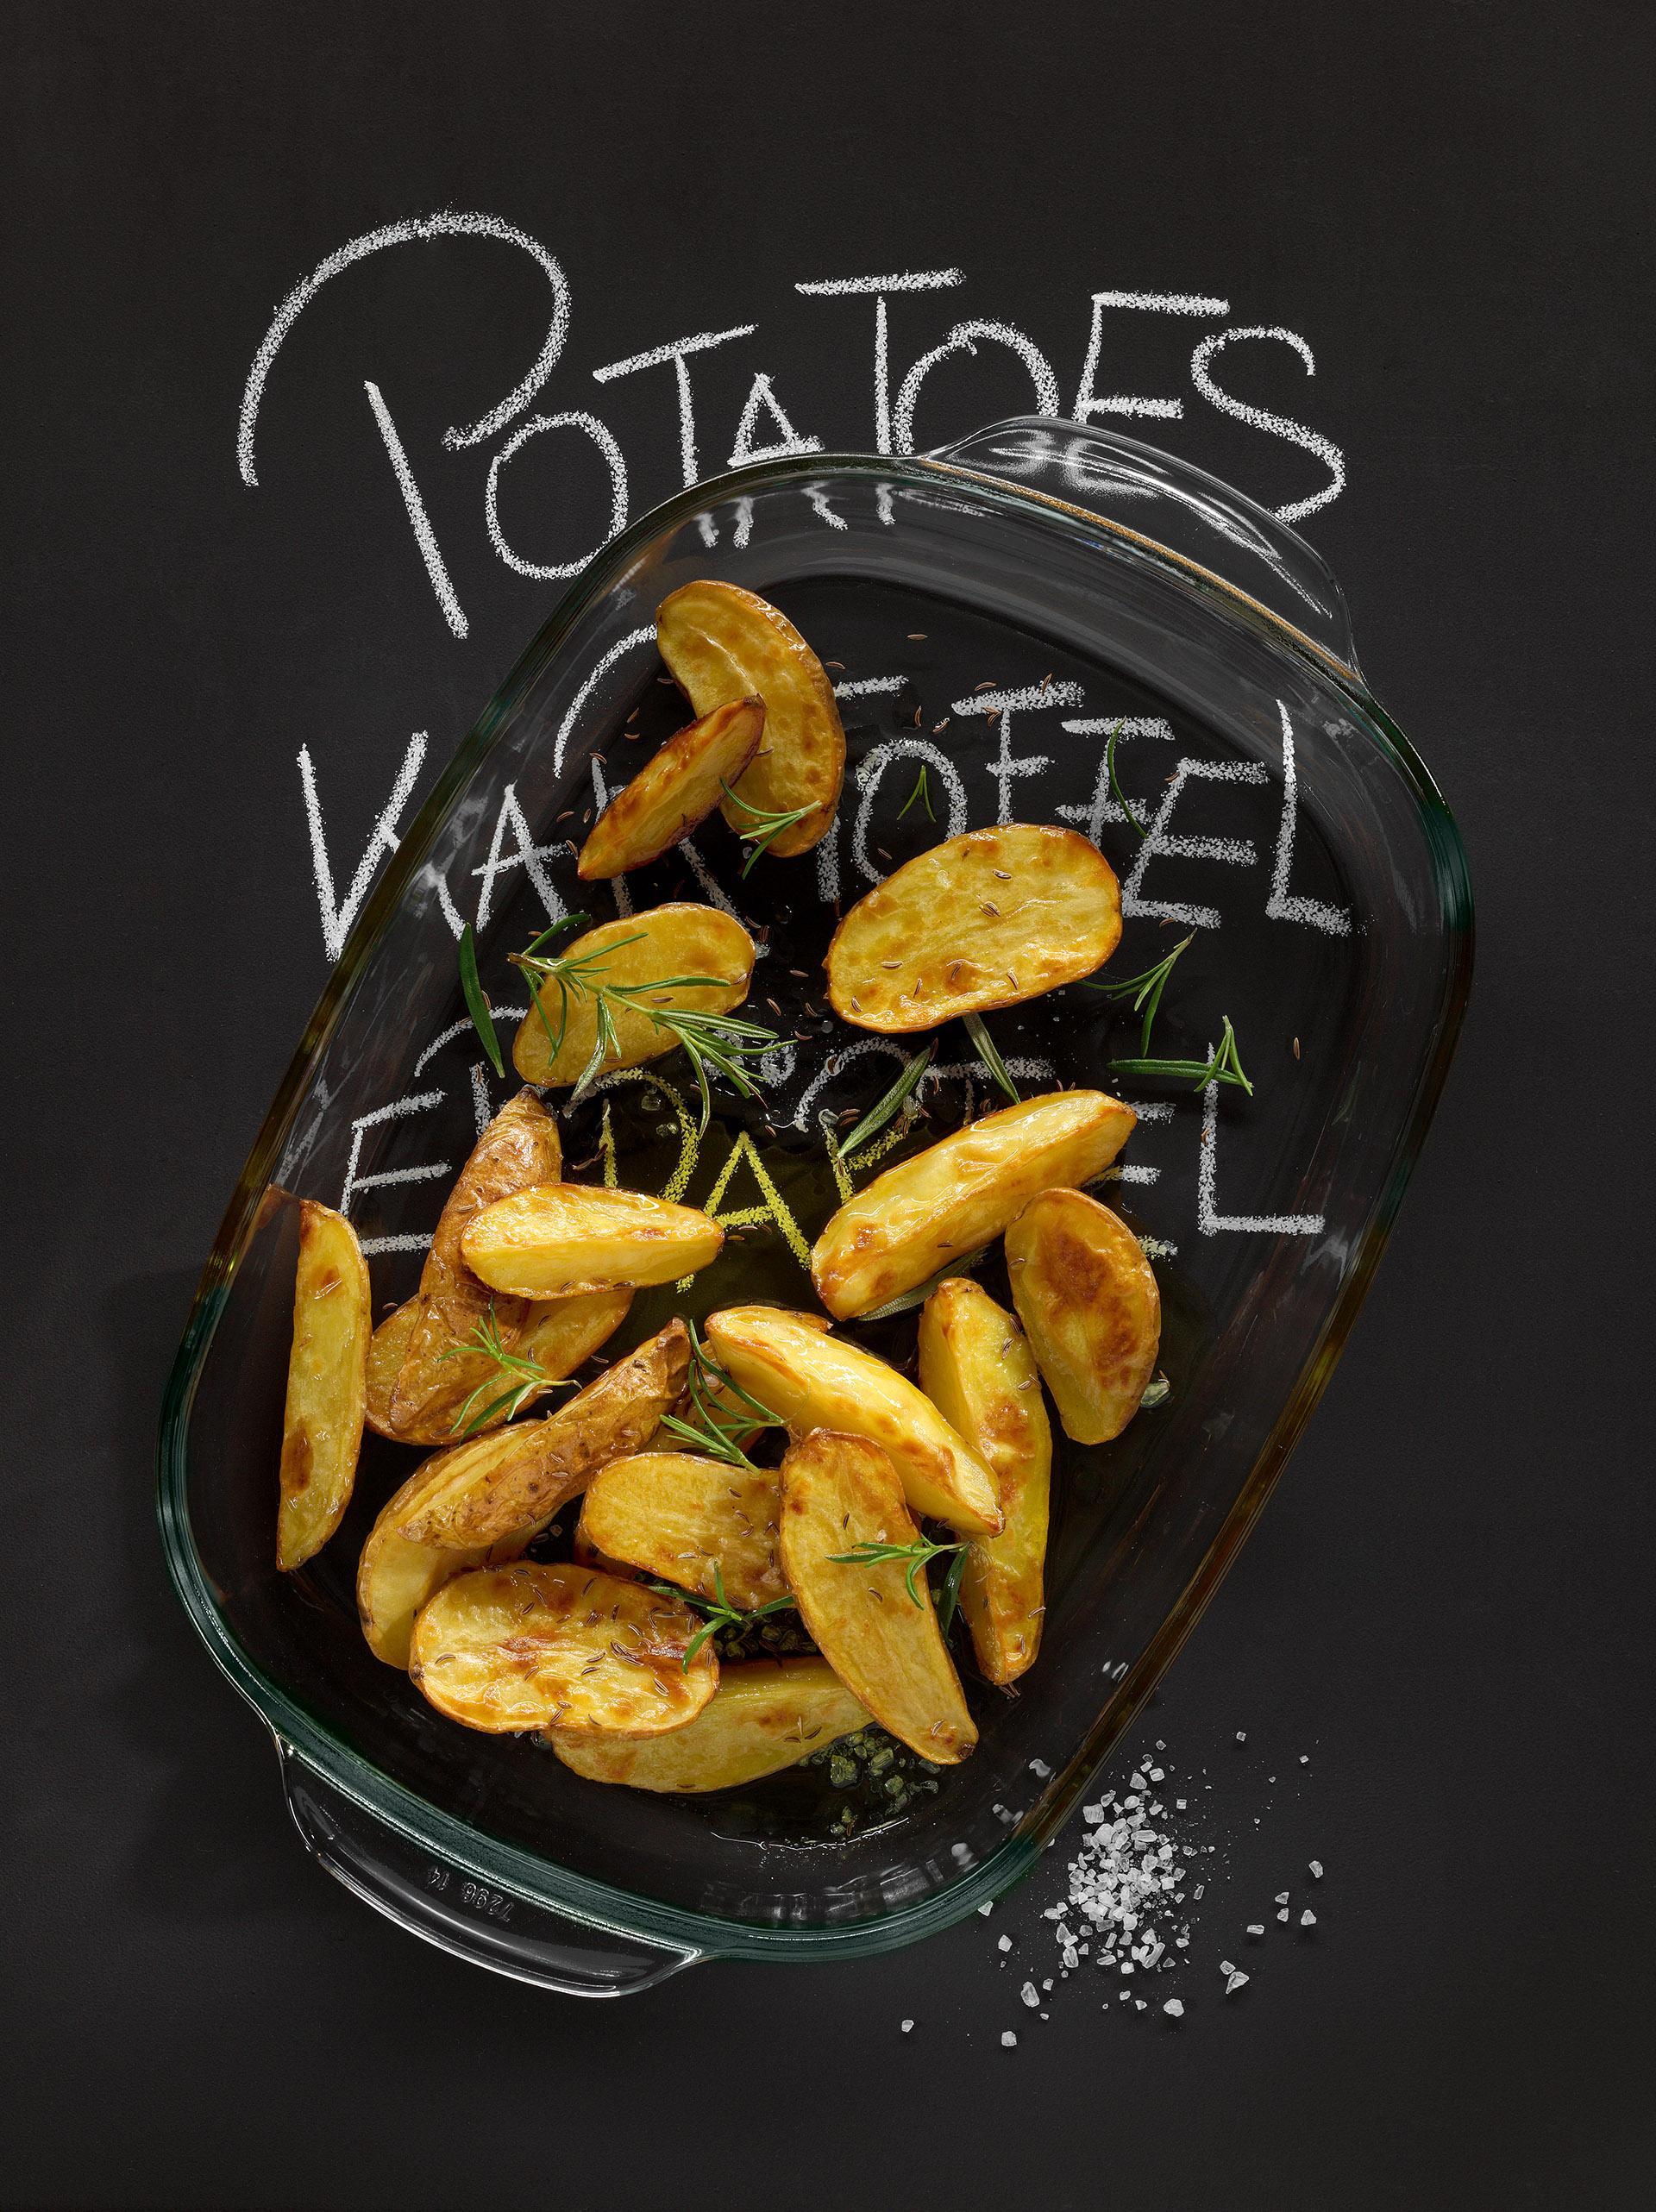 Werbefotografie Gebackene Kartoffelspalten mit Rosmarin und Salz in Auflaufform